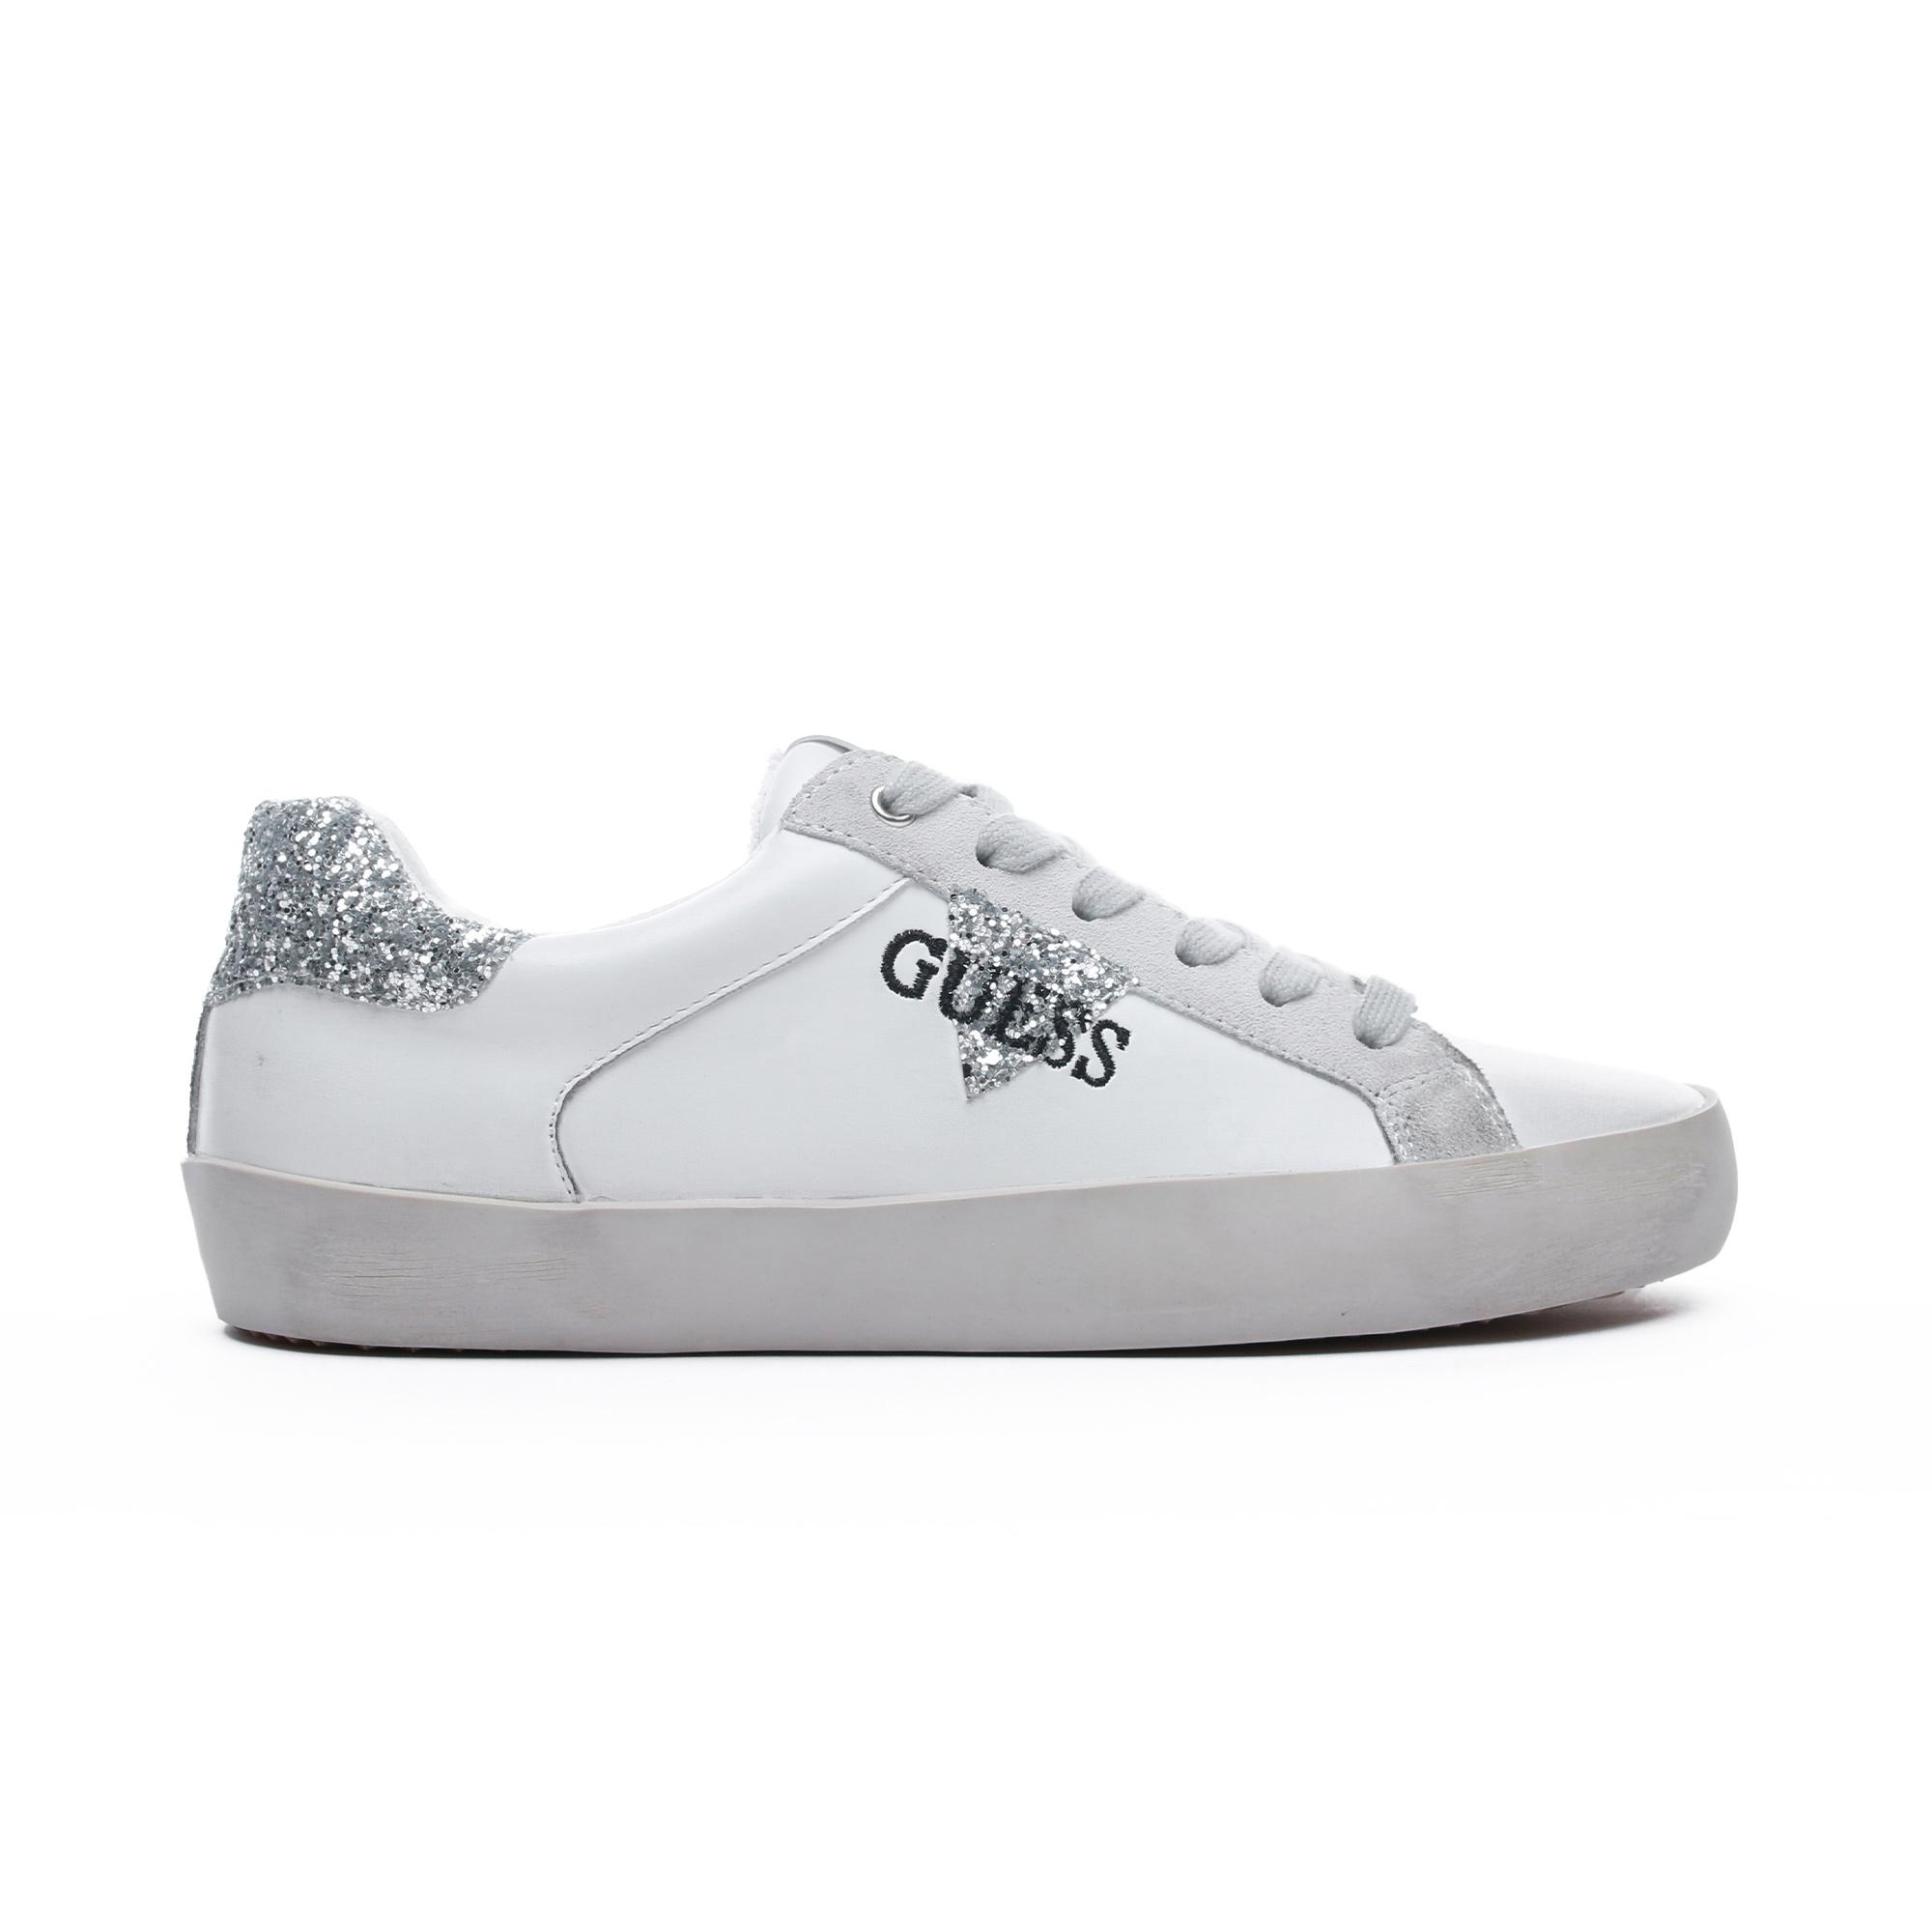 Guess Grea Kadın Gri Spor Ayakkabı